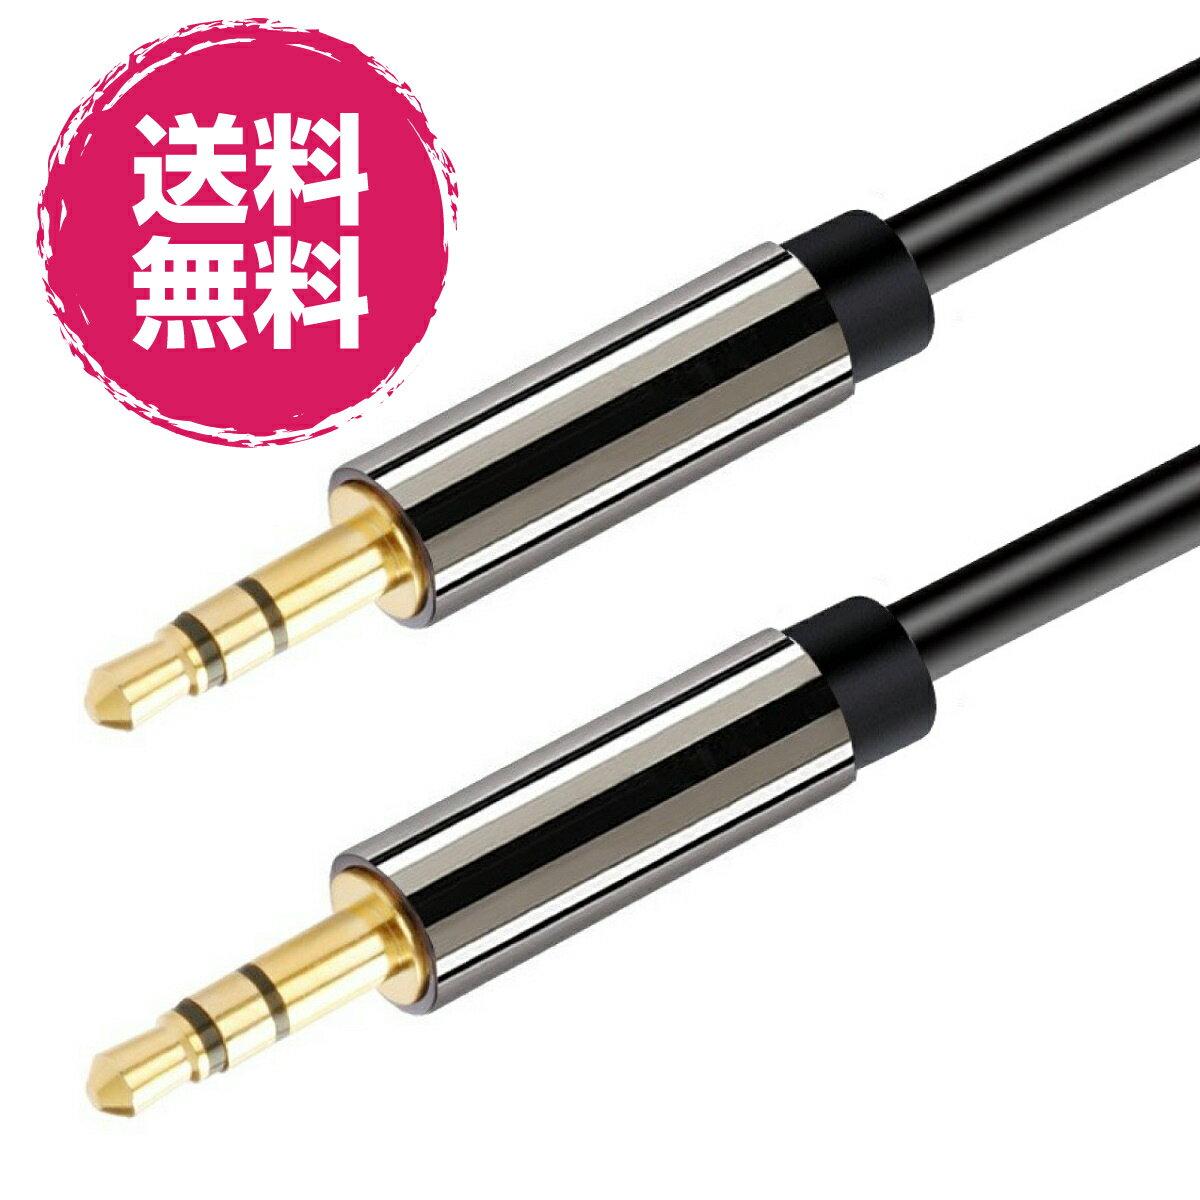 【送料無料】ステレオミニプラグ オーディオケーブル 標準3.5mm AUX接続 延長 (1m オス・オス)